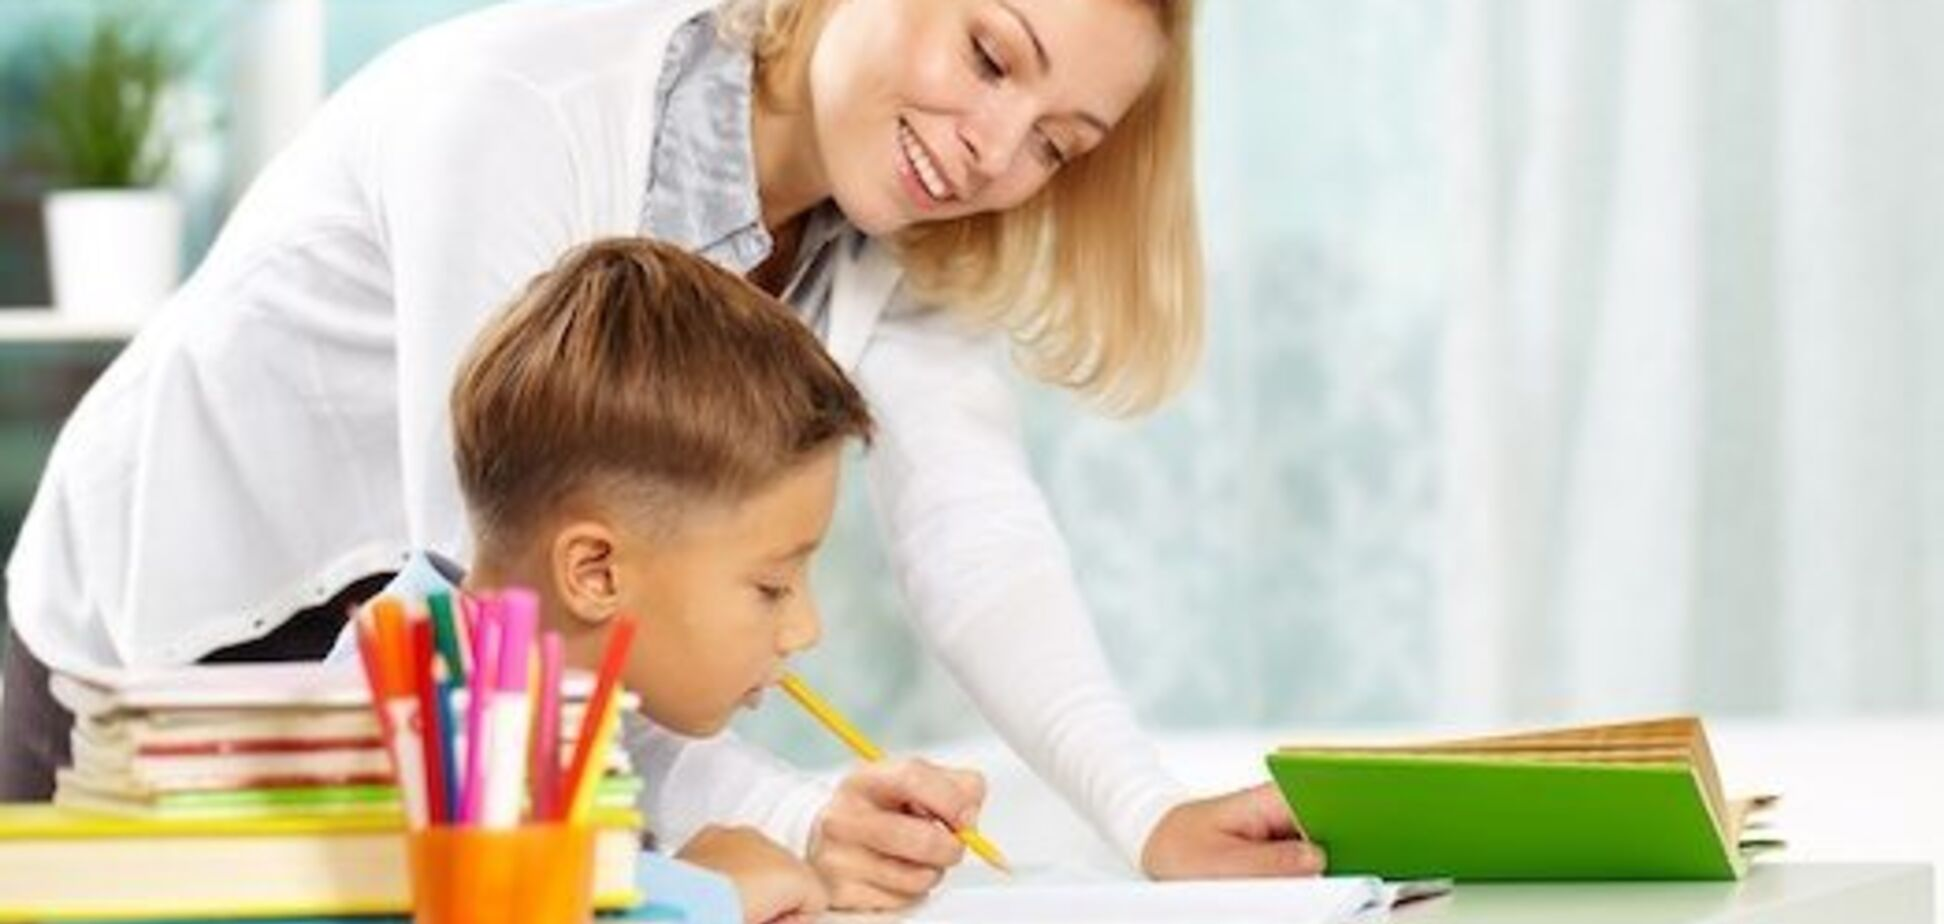 Ипохондрик, универсал, всезнайка: какими педагоги видят своих учеников